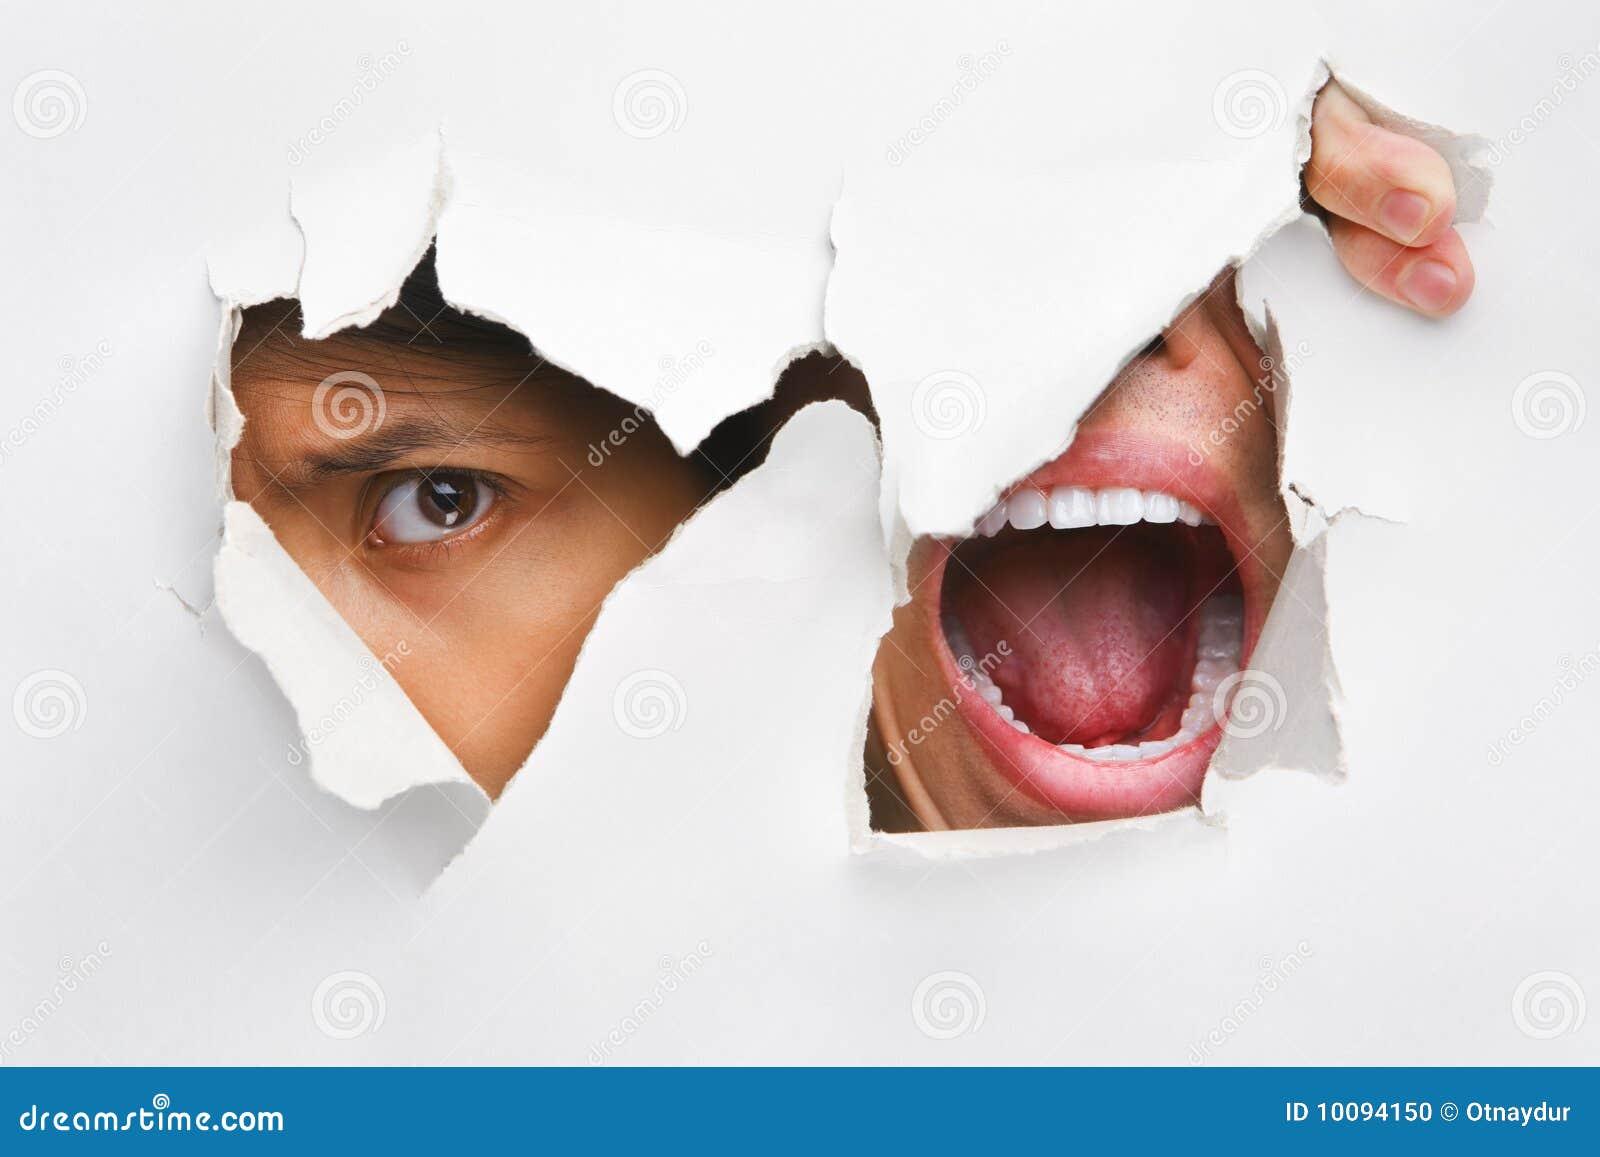 Jeter un coup d 39 oeil et crier du trou dans le mur photo for Reboucher un trou dans un mur